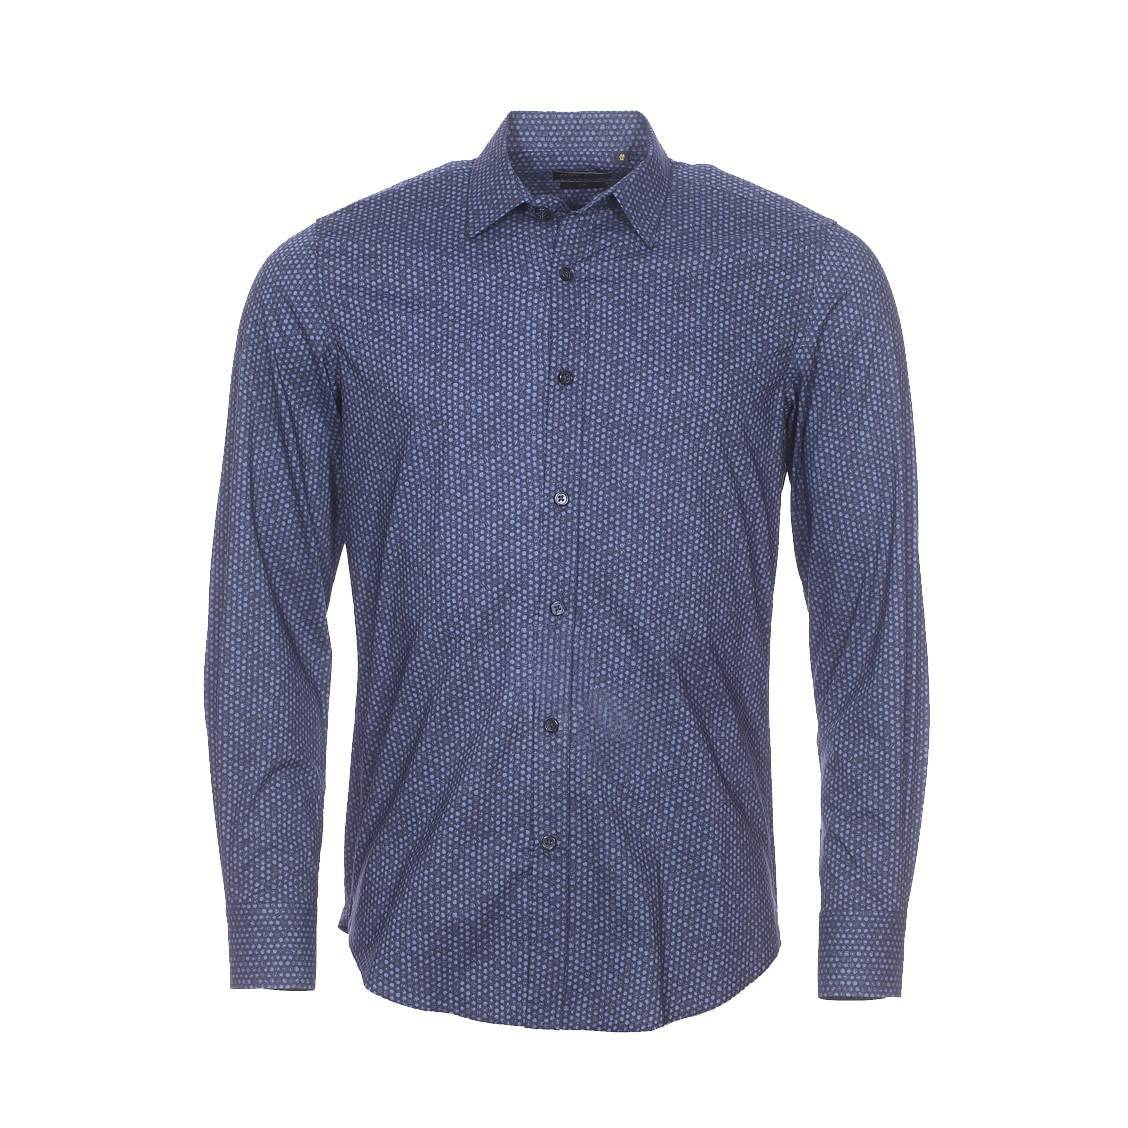 Chemise cintrée  en coton bleu marine à petits pois